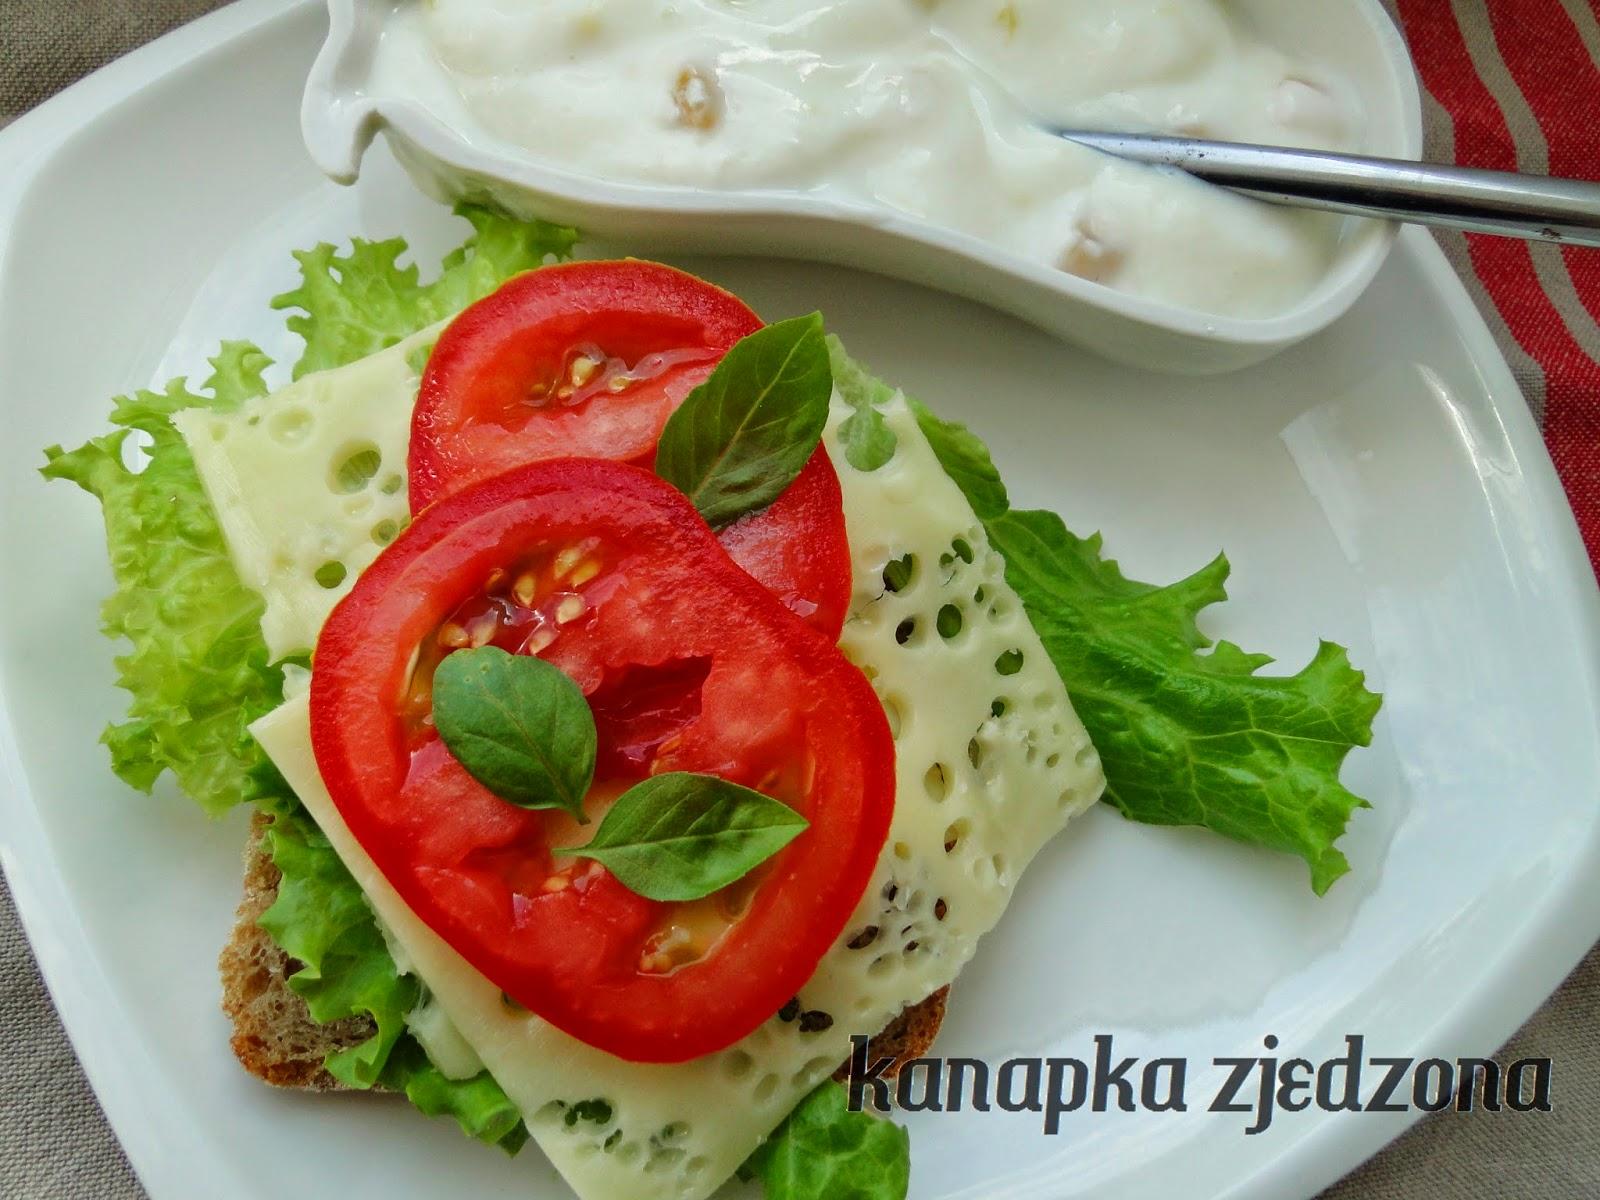 Salata cheese, queso Salata, Salata Käse, fromage salata